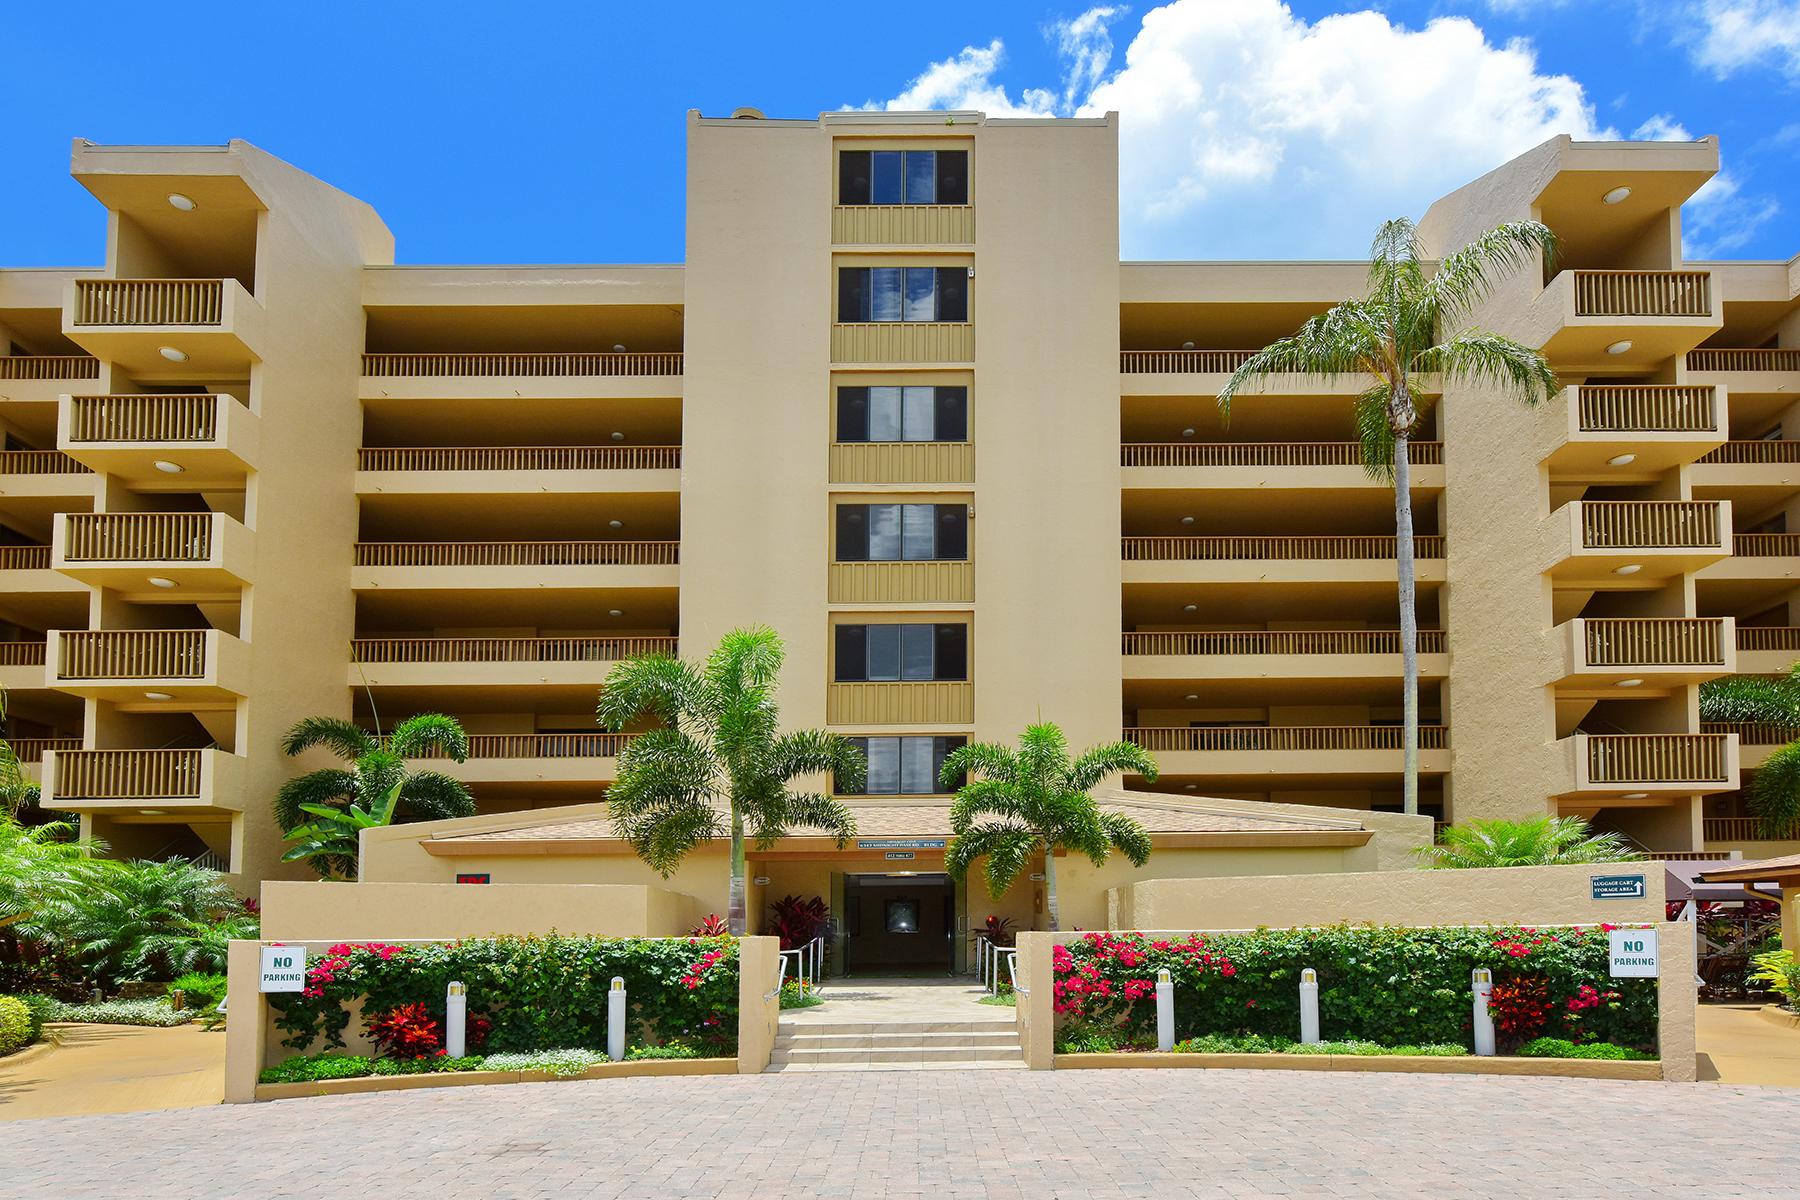 Condomínio para Venda às MIDNIGHT COVE 6342 Midnight Pass Rd 413 Sarasota, Florida 34242 Estados Unidos